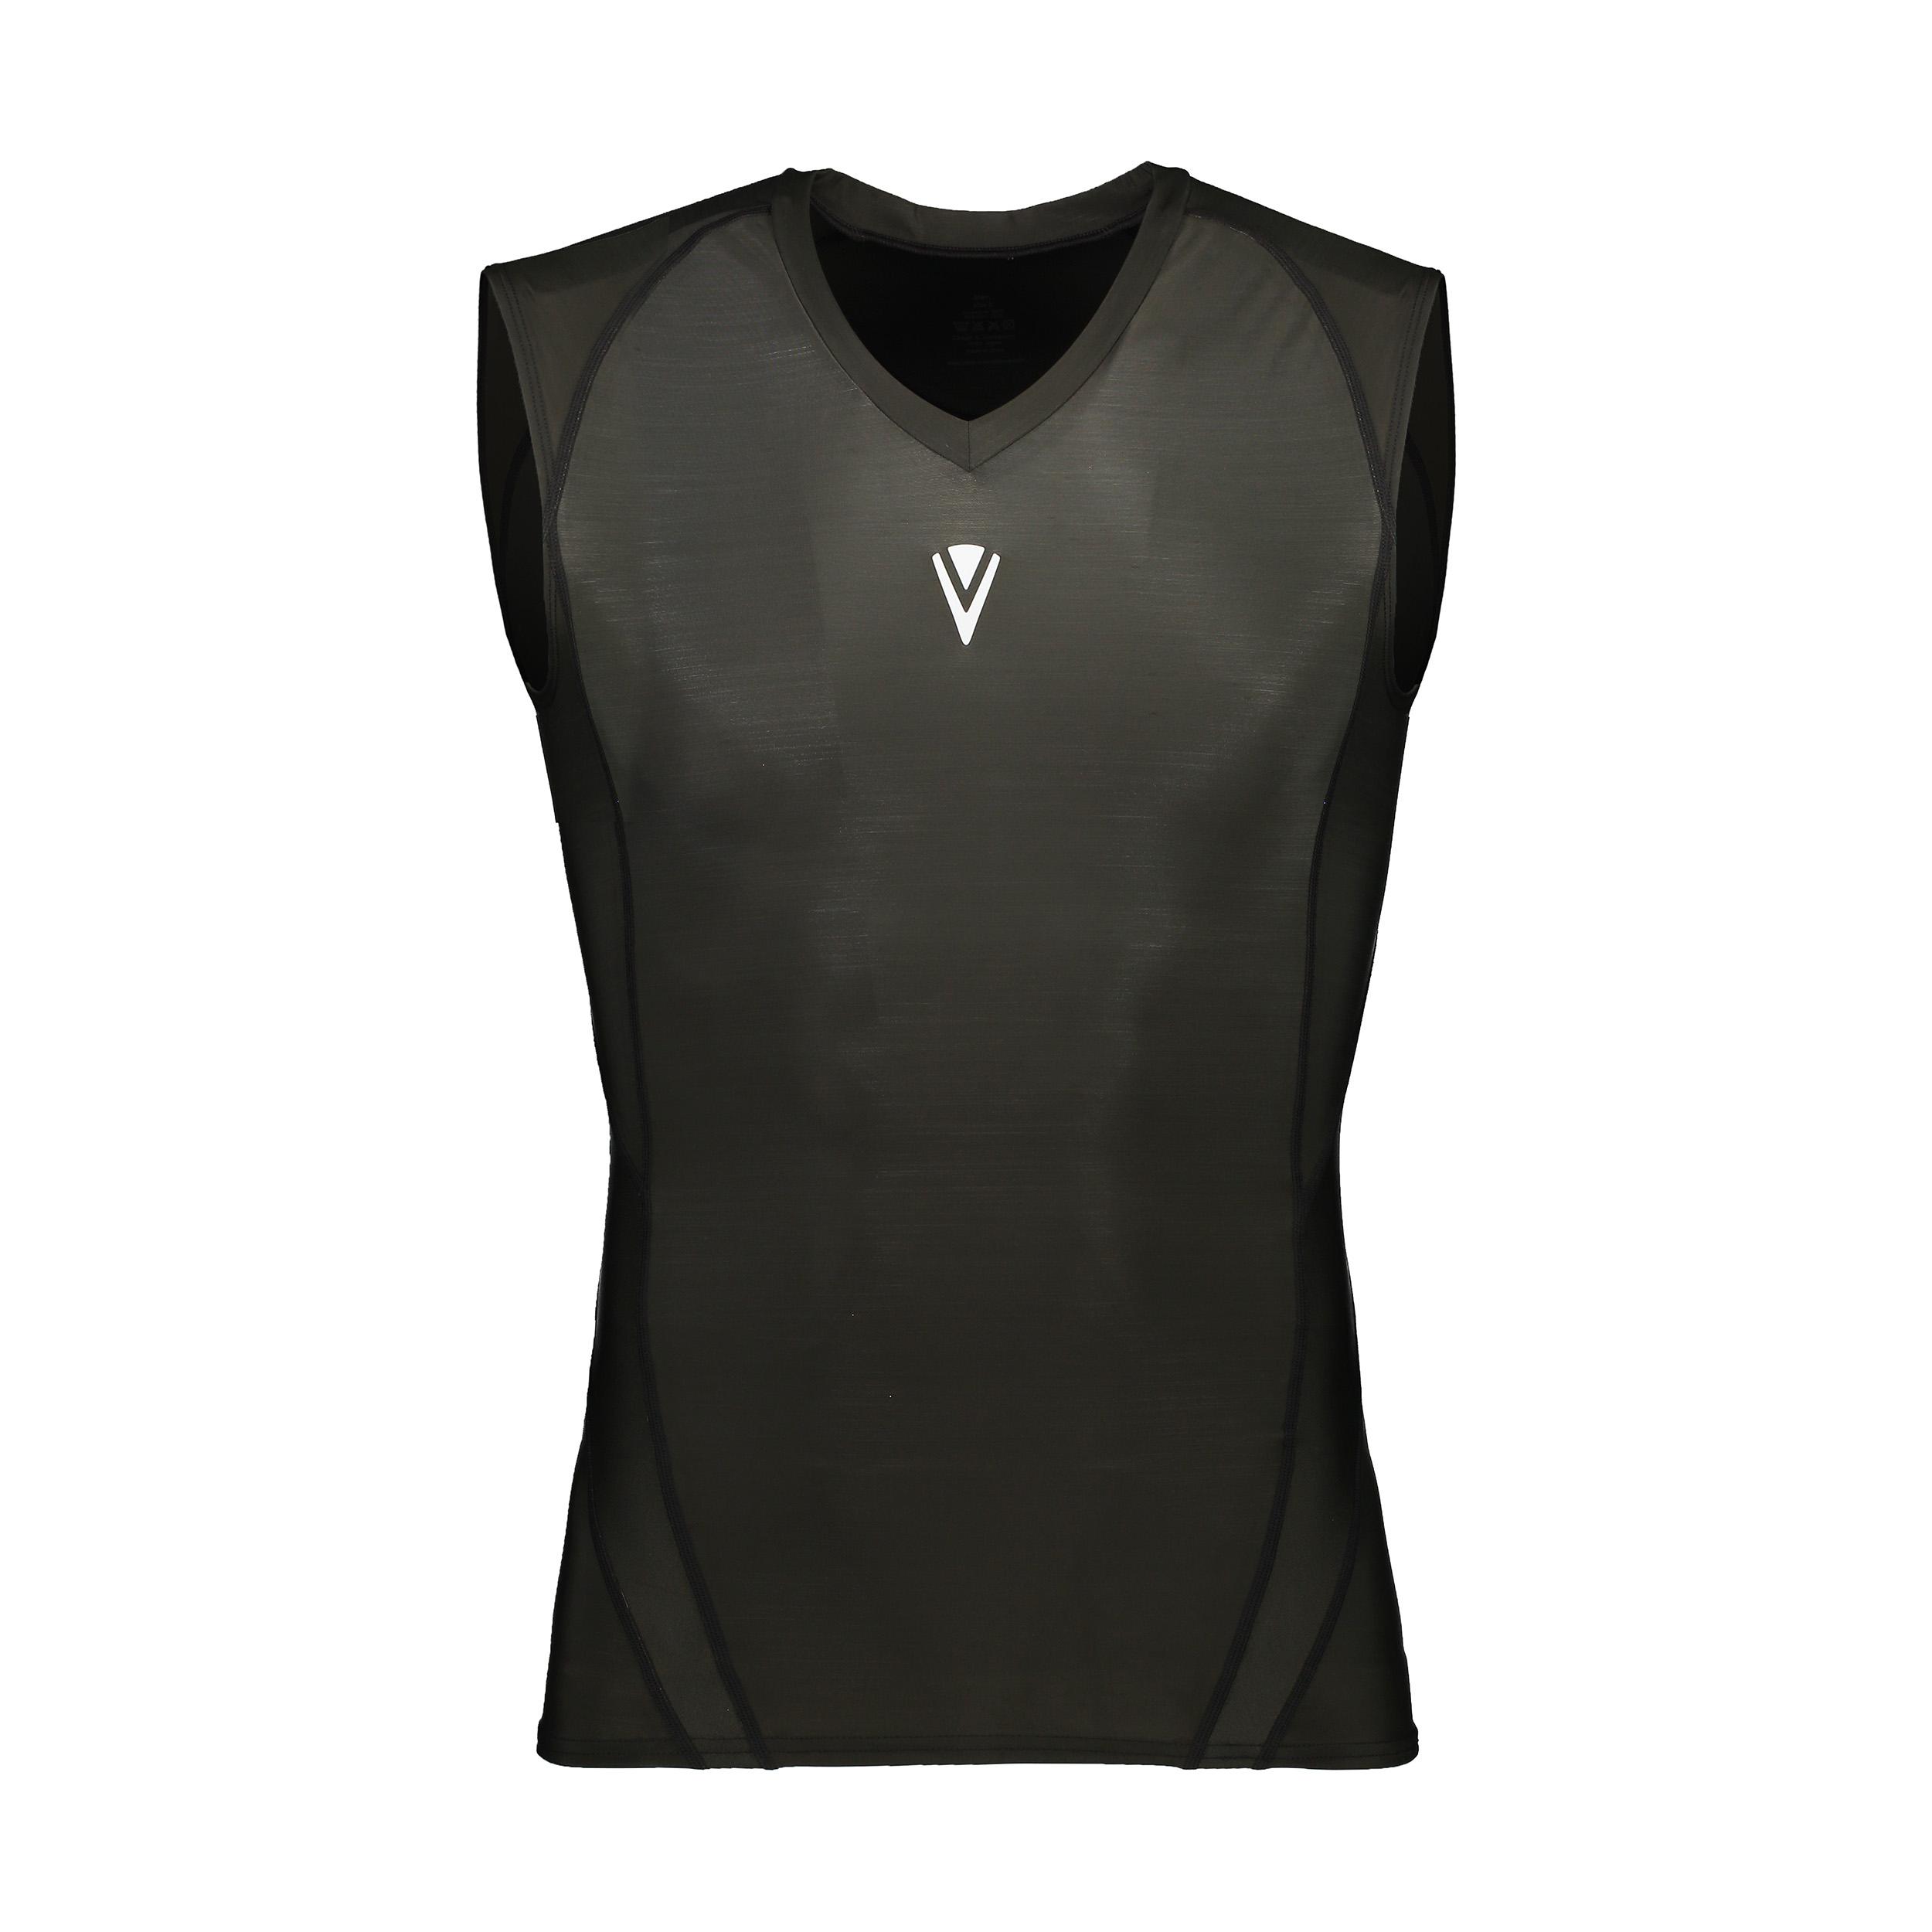 تاپ ورزشی مردانه وی اسکین مدل VSN-4010NT-SBK